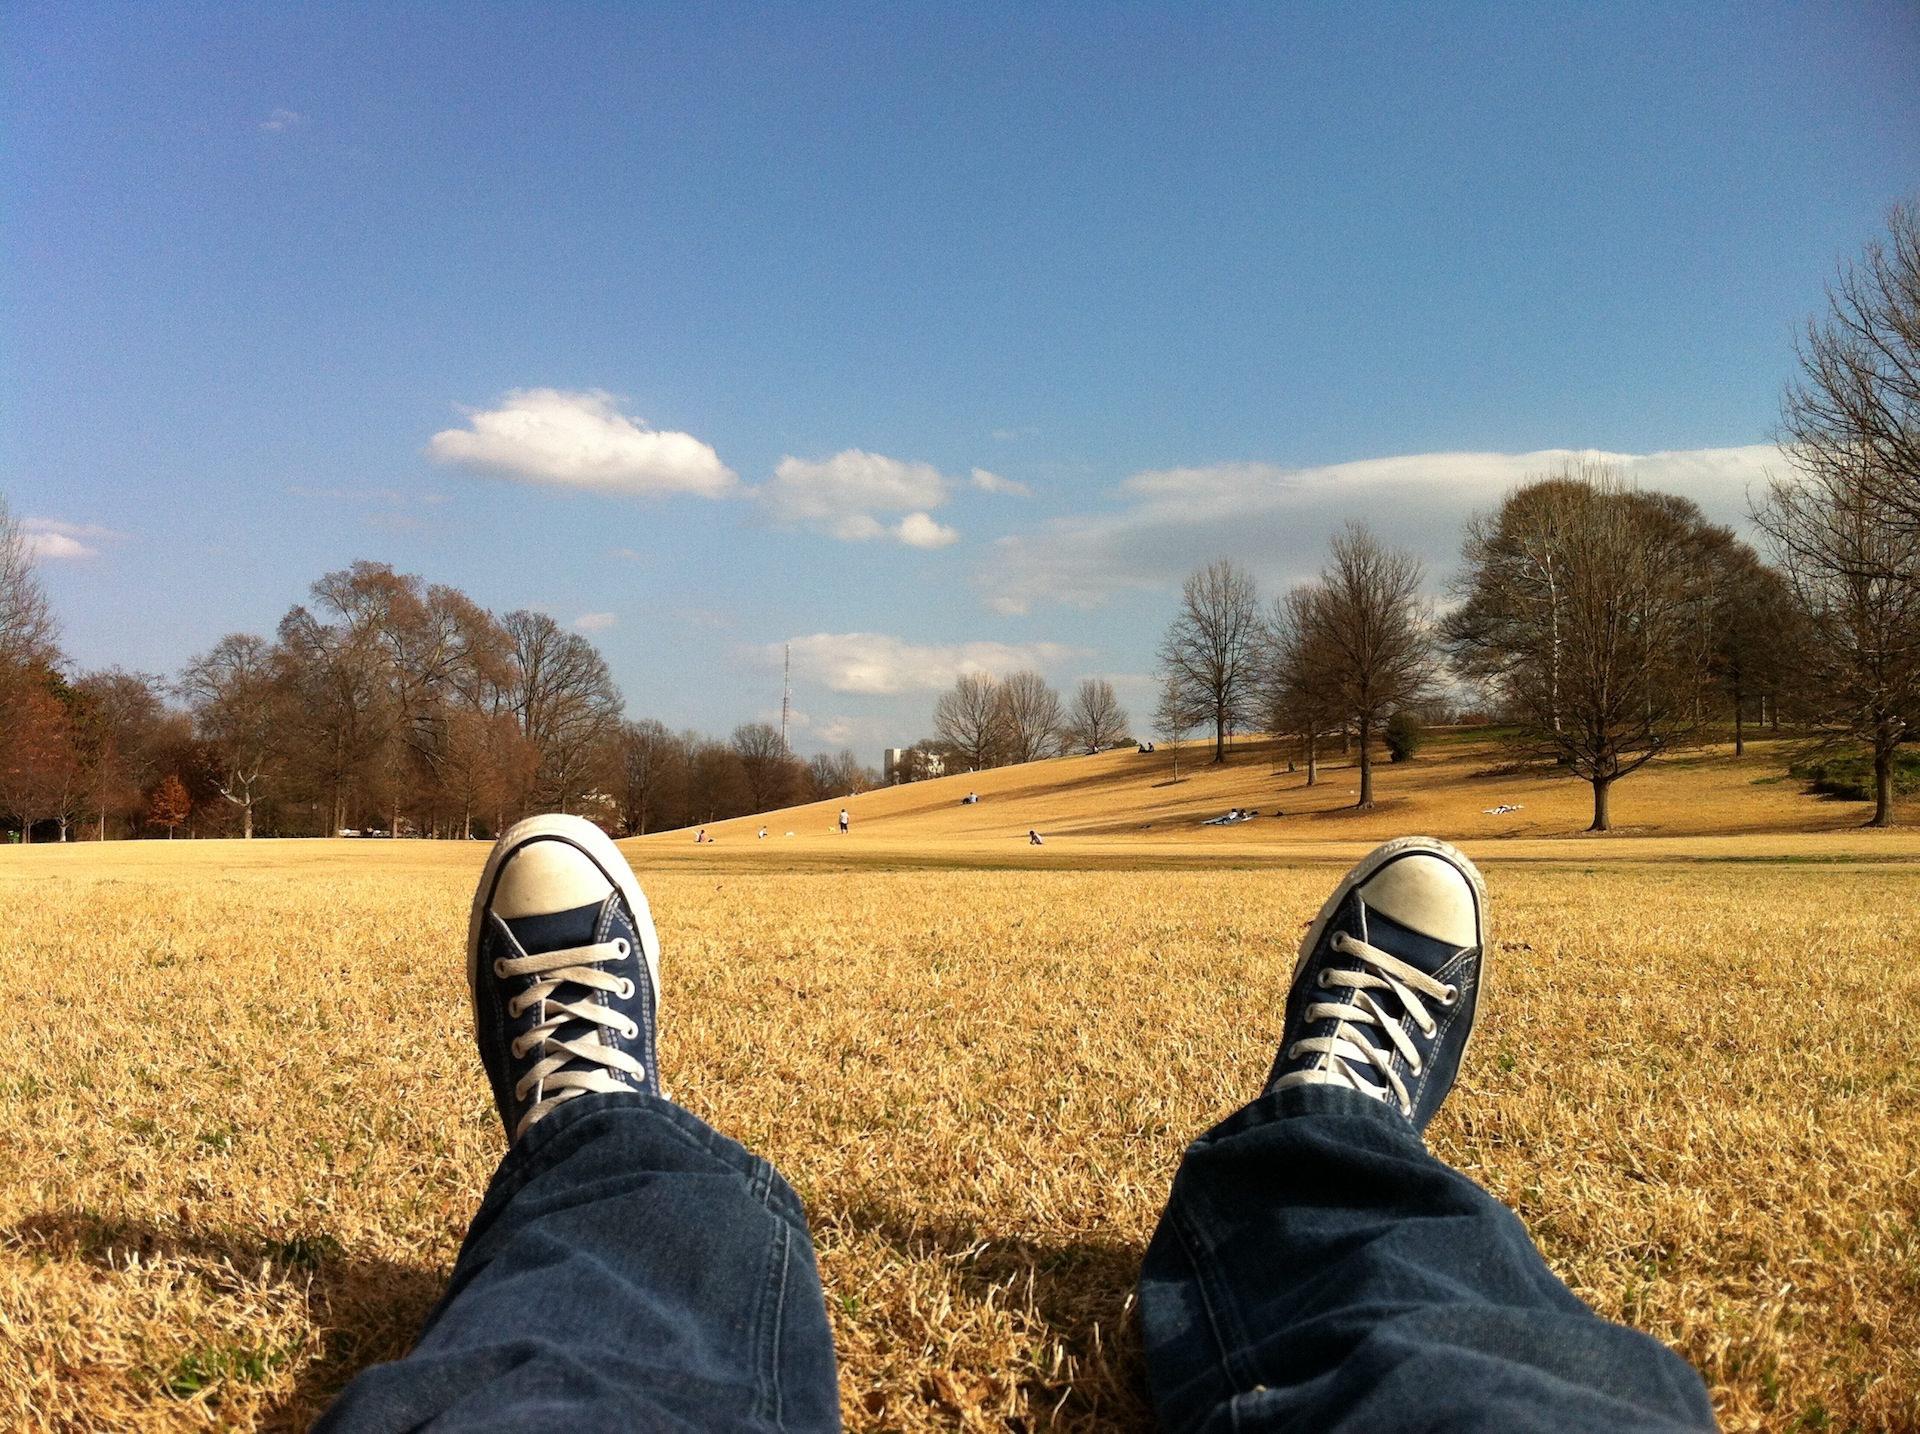 靴, 残りの部分, 公園, 草, 乾燥 - HD の壁紙 - 教授-falken.com